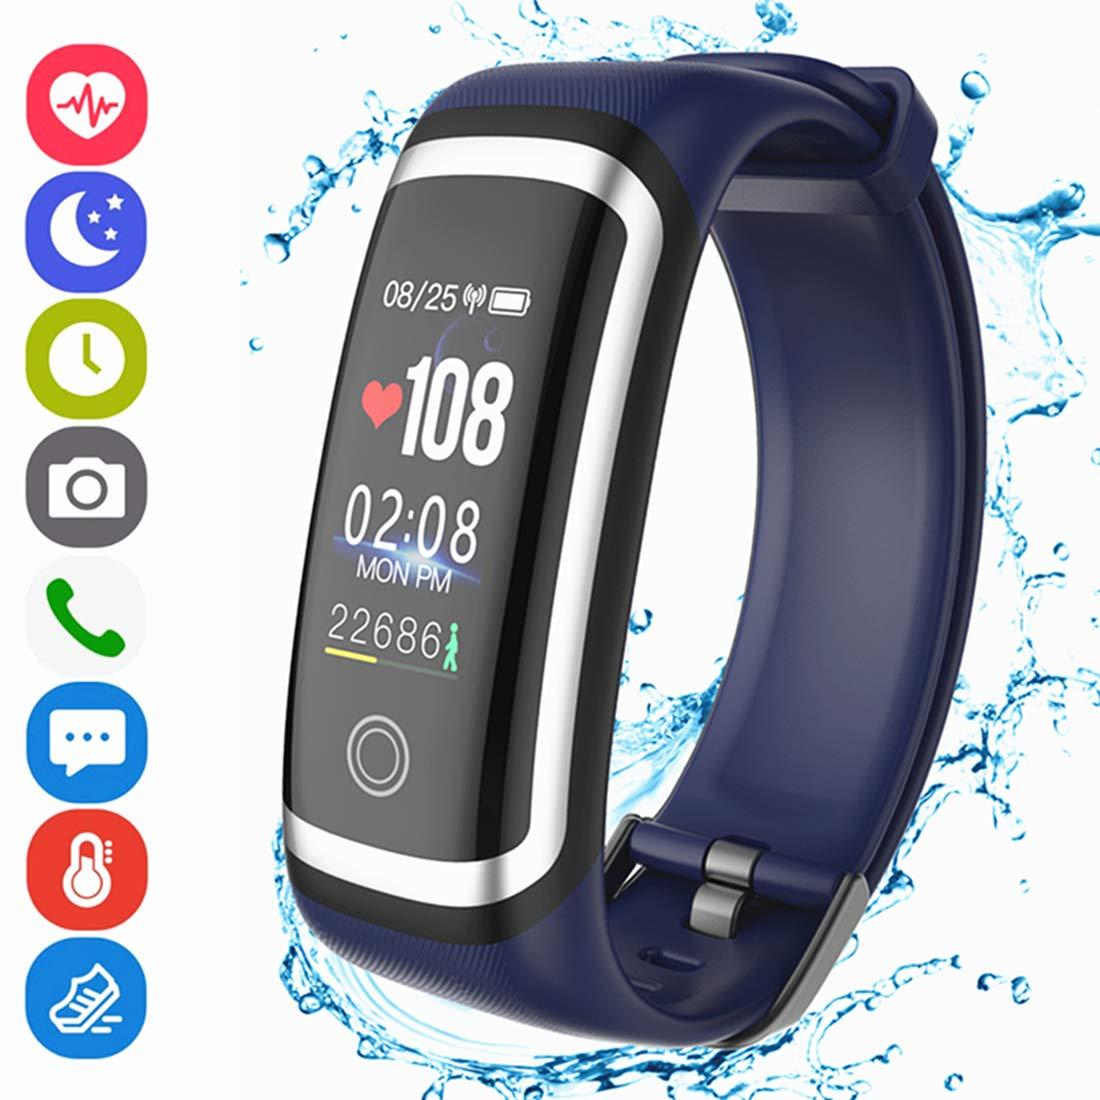 Hocent Fitness Armband, Fitness Tracker Aktivitä tstracker mit Pulsmesser Schrittzä hler Uhr Farbbildschirm Wasserdicht IP67 Anruf SMS SNS Erinnern fü r Mä nner Frauen Kinder Kompatibel mit Android IOS